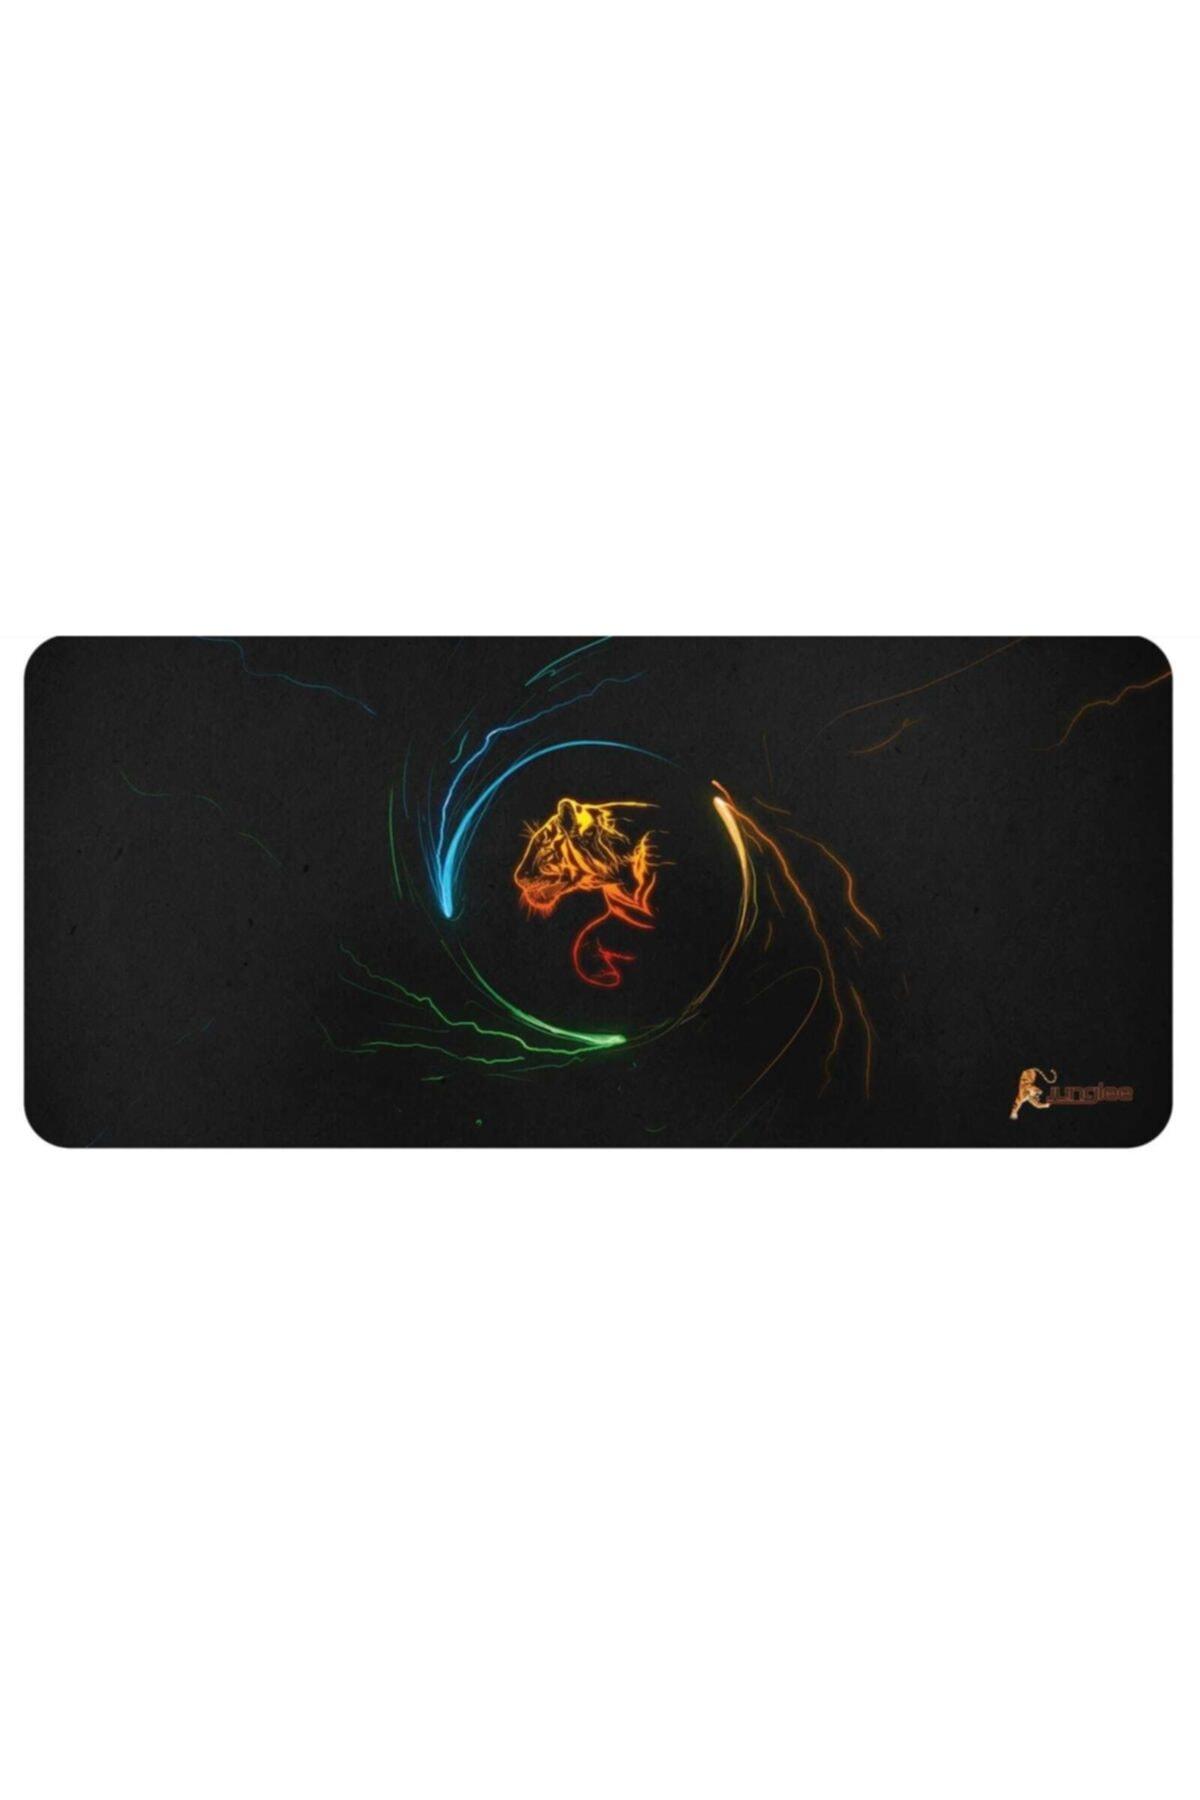 Oyuncu Mousepad 70x30 Cm Kaymaz Dikişsiz Ykaplan Baskılı Büyük Boy Mouse Pad